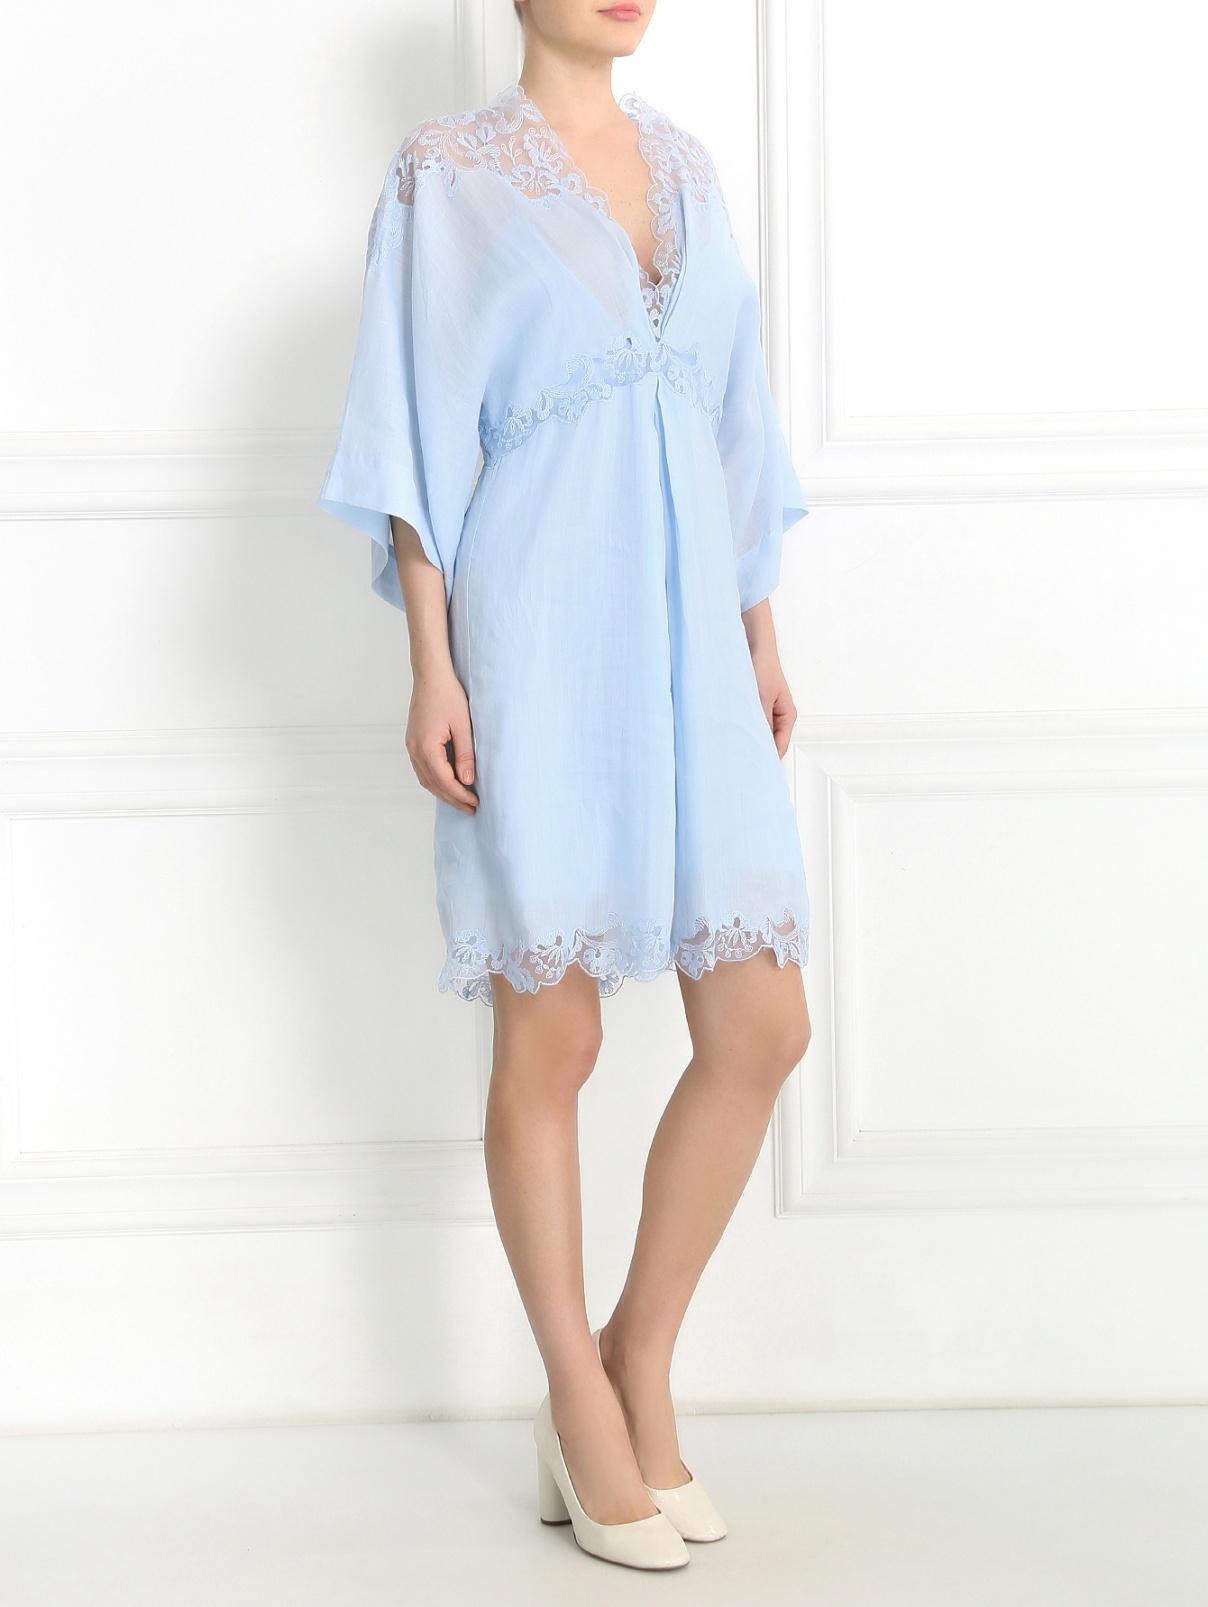 Платье-мини с кружевными вставками Ermanno Scervino  –  Модель Общий вид  – Цвет:  Синий